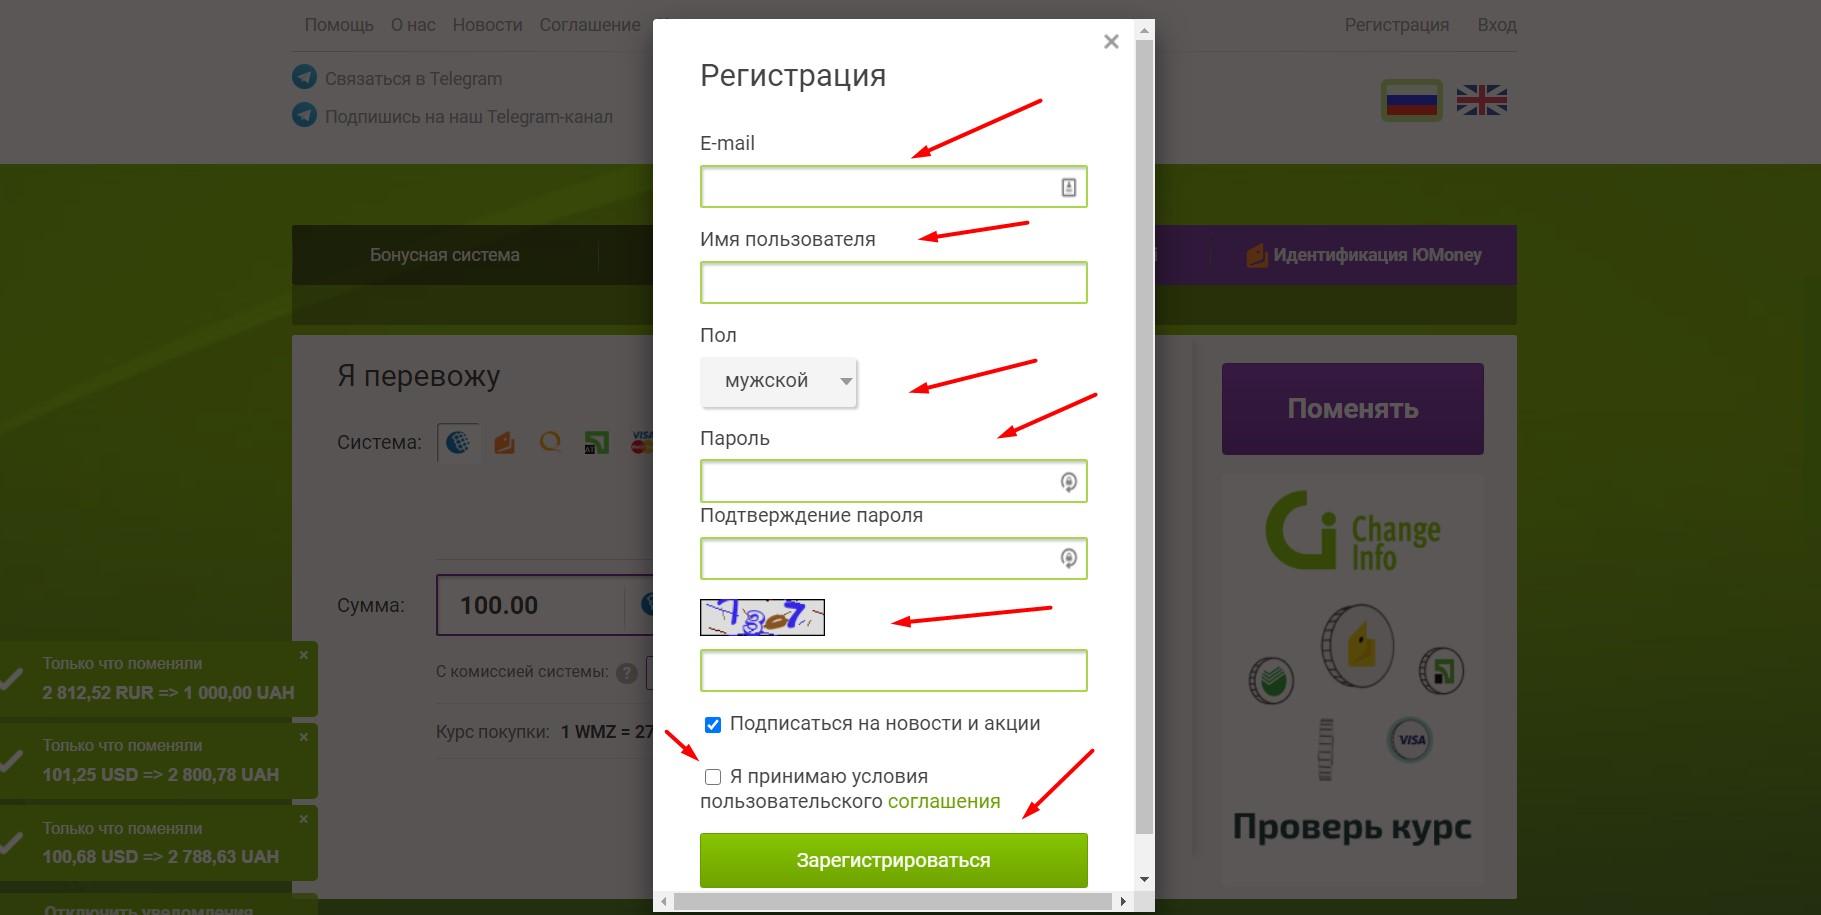 Регистрация для обмена киви в Украине: вводим данные